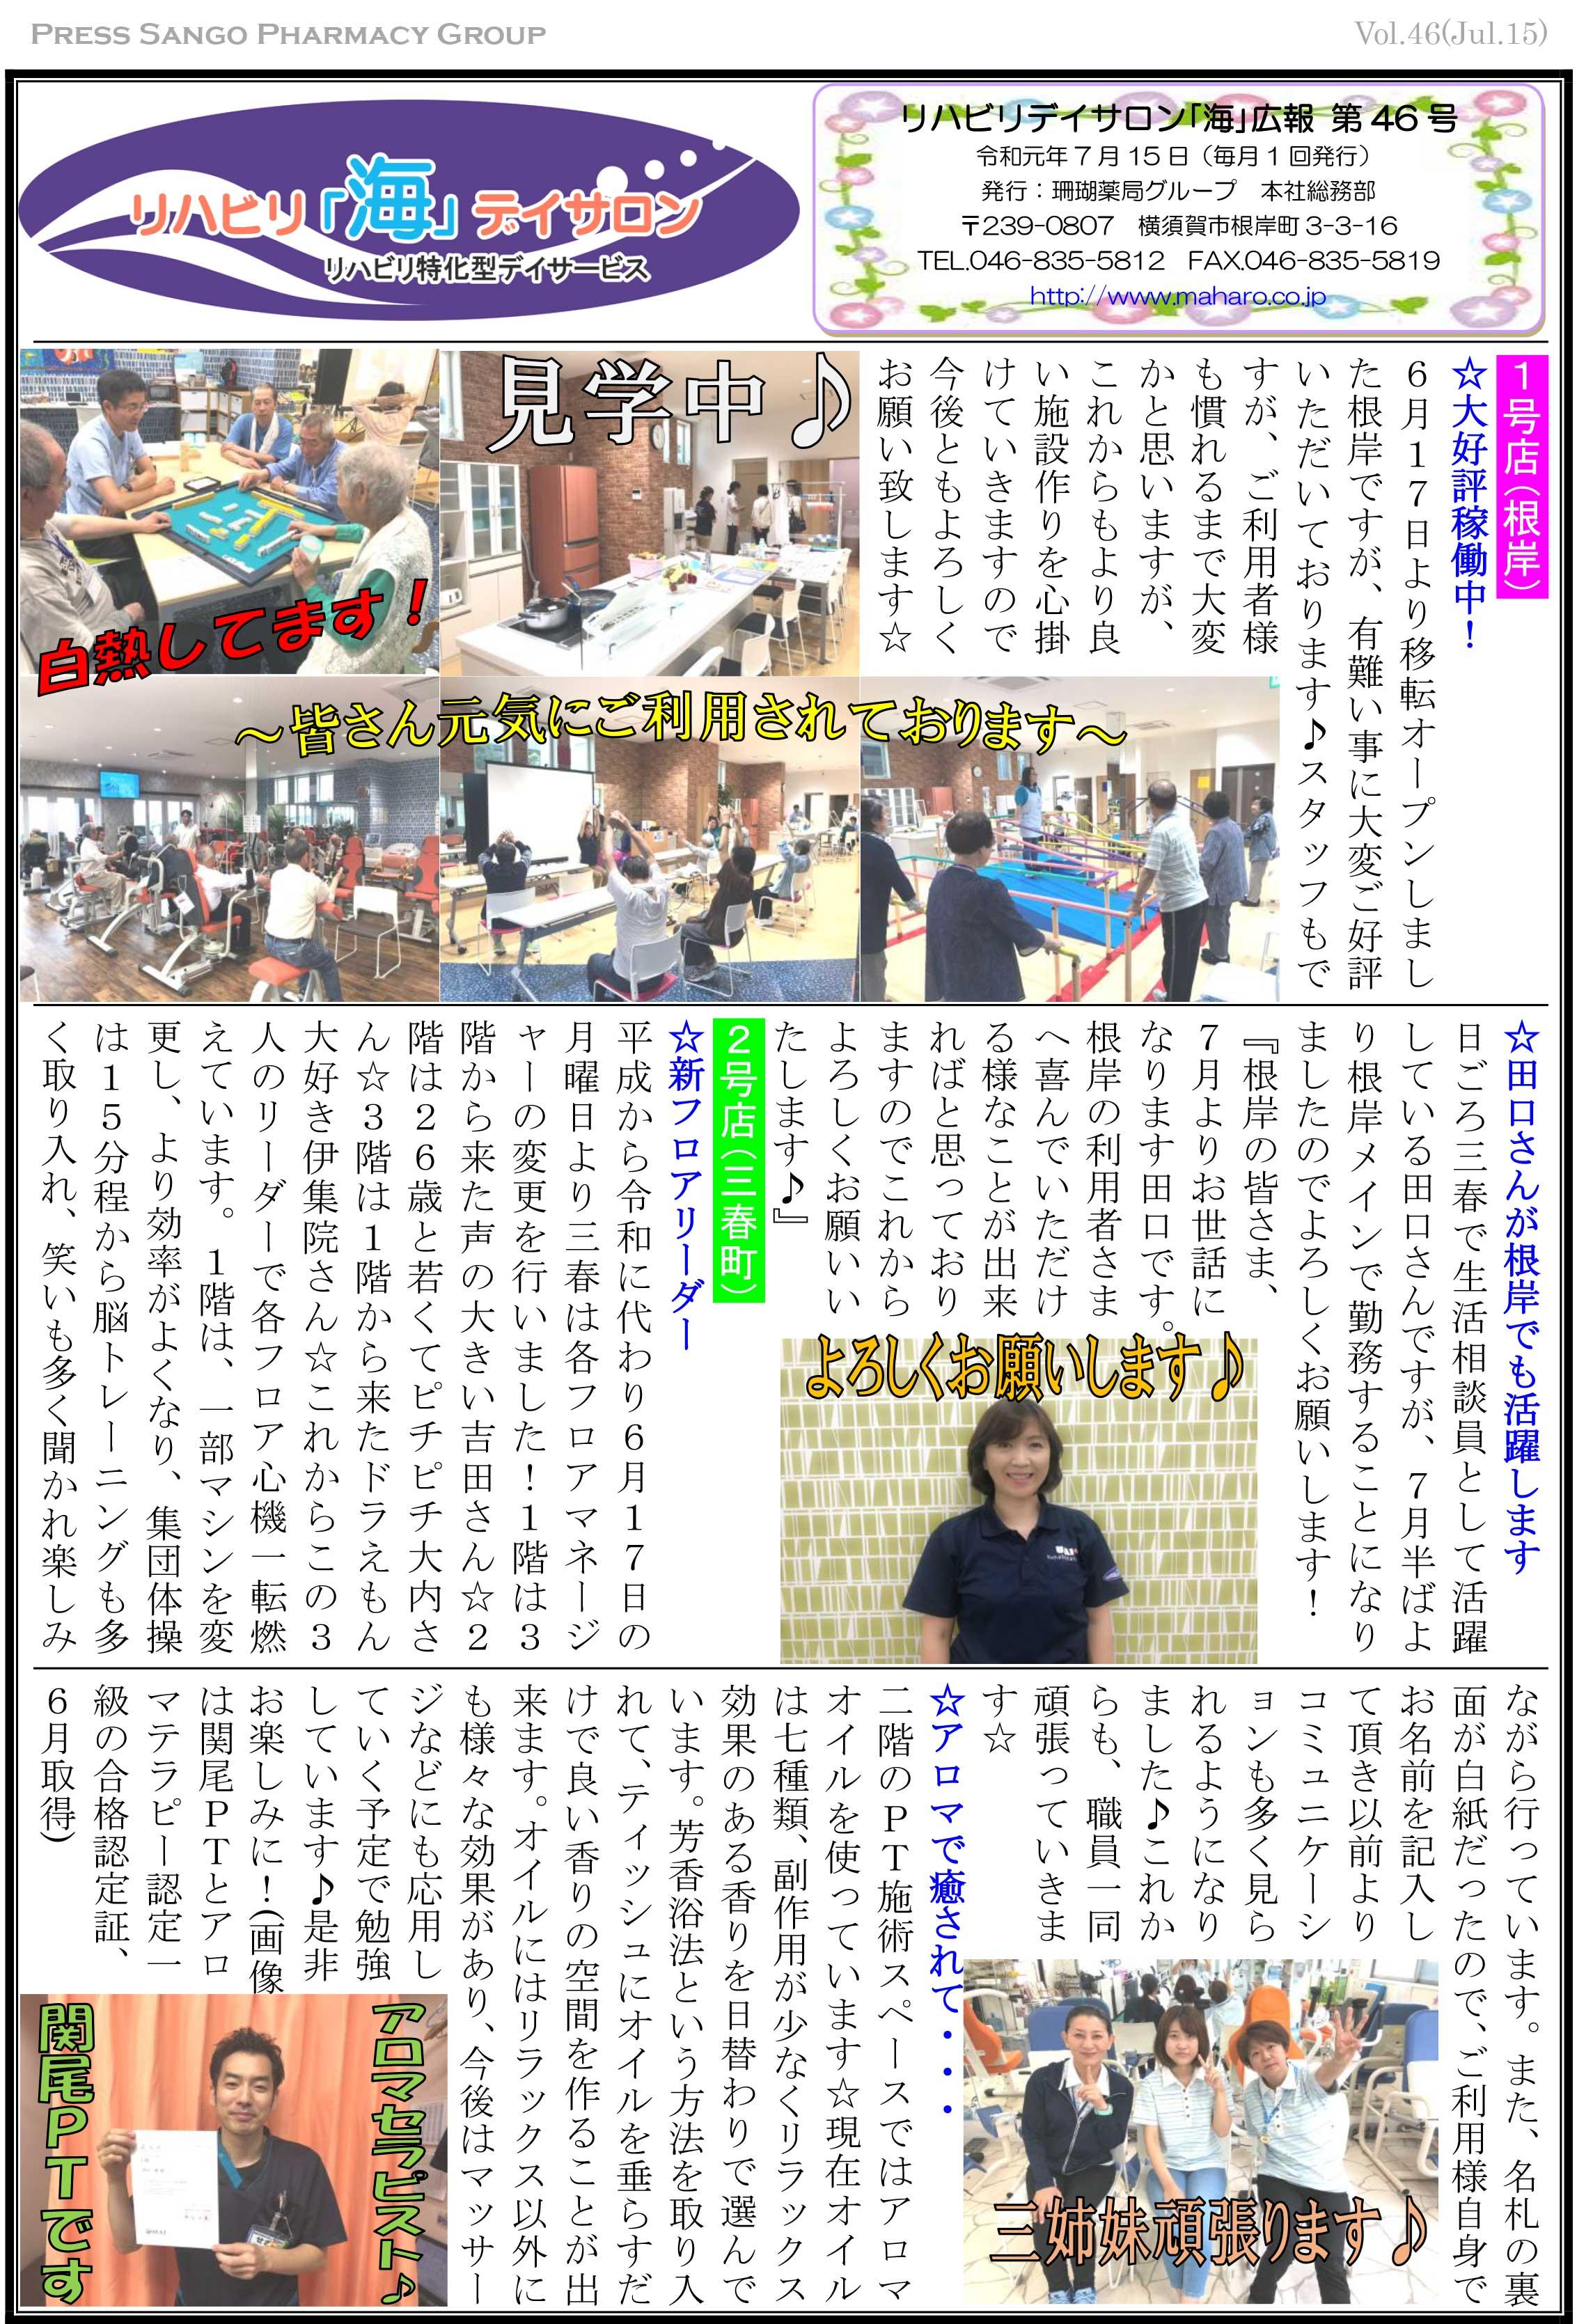 リハビリデイサロン「海」広報誌 第46号